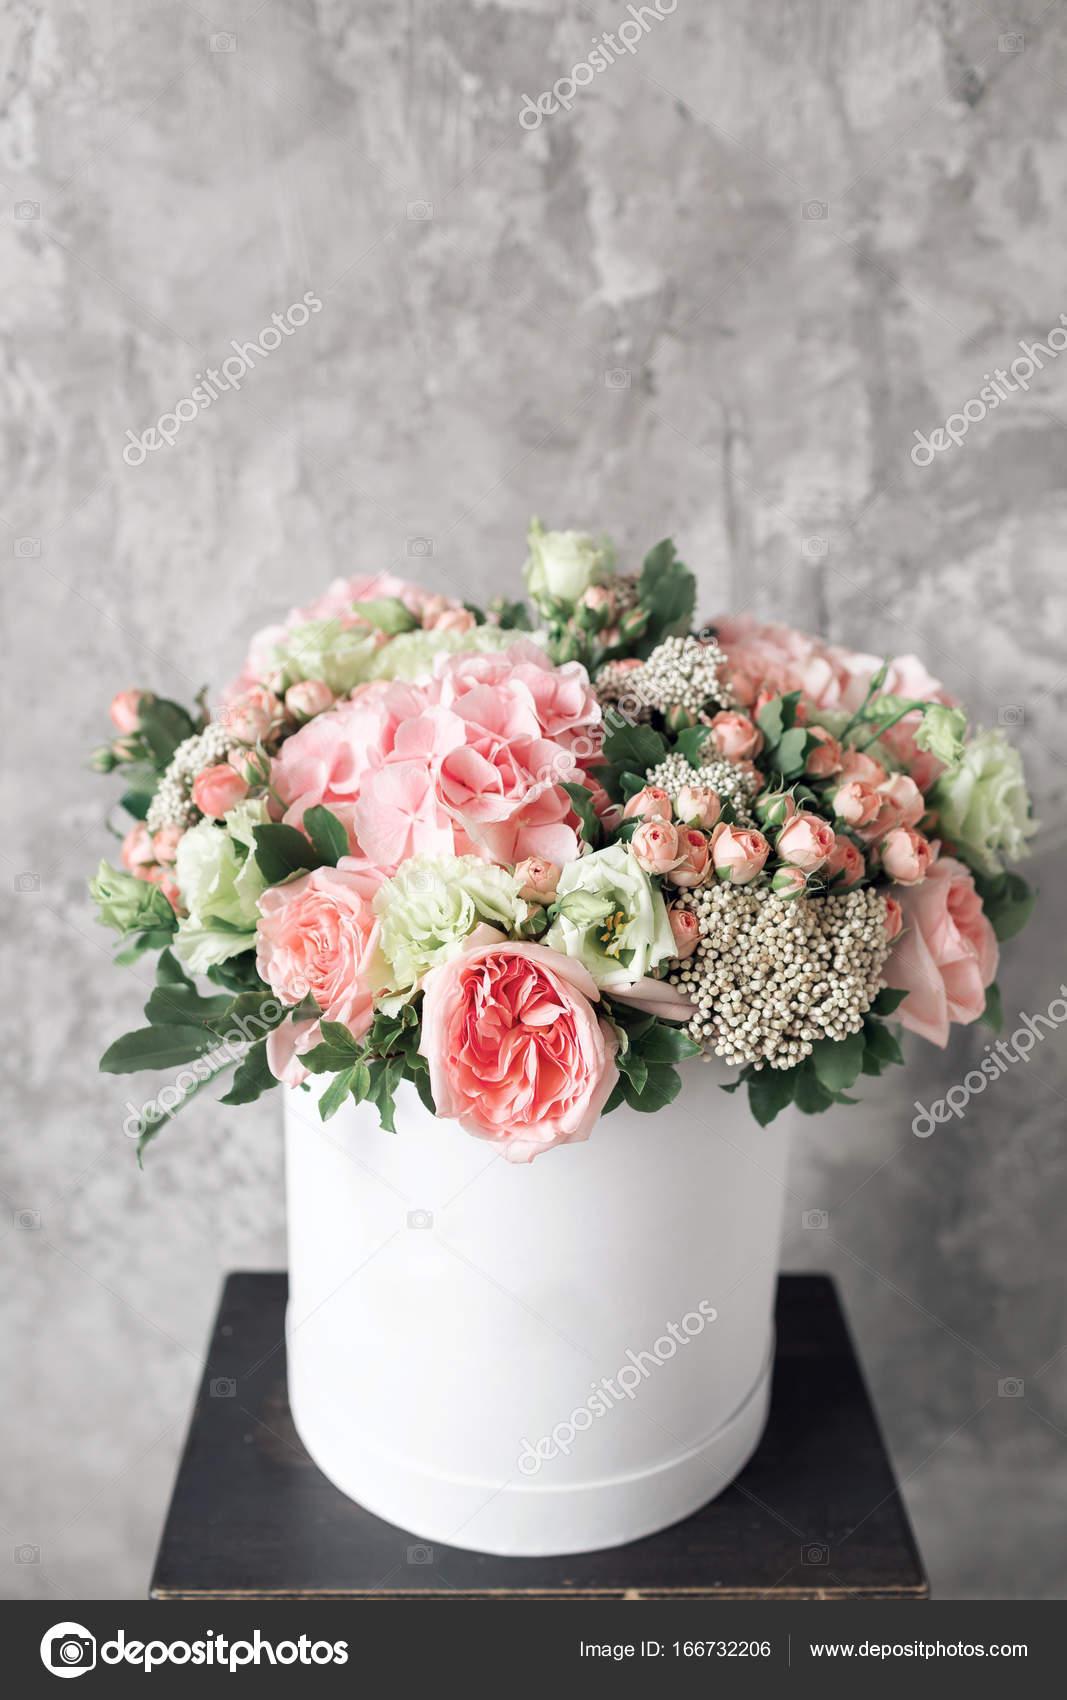 Beau Tendre Bouquet De Fleurs Dans Une Boite Blanche Sur Riere Gris